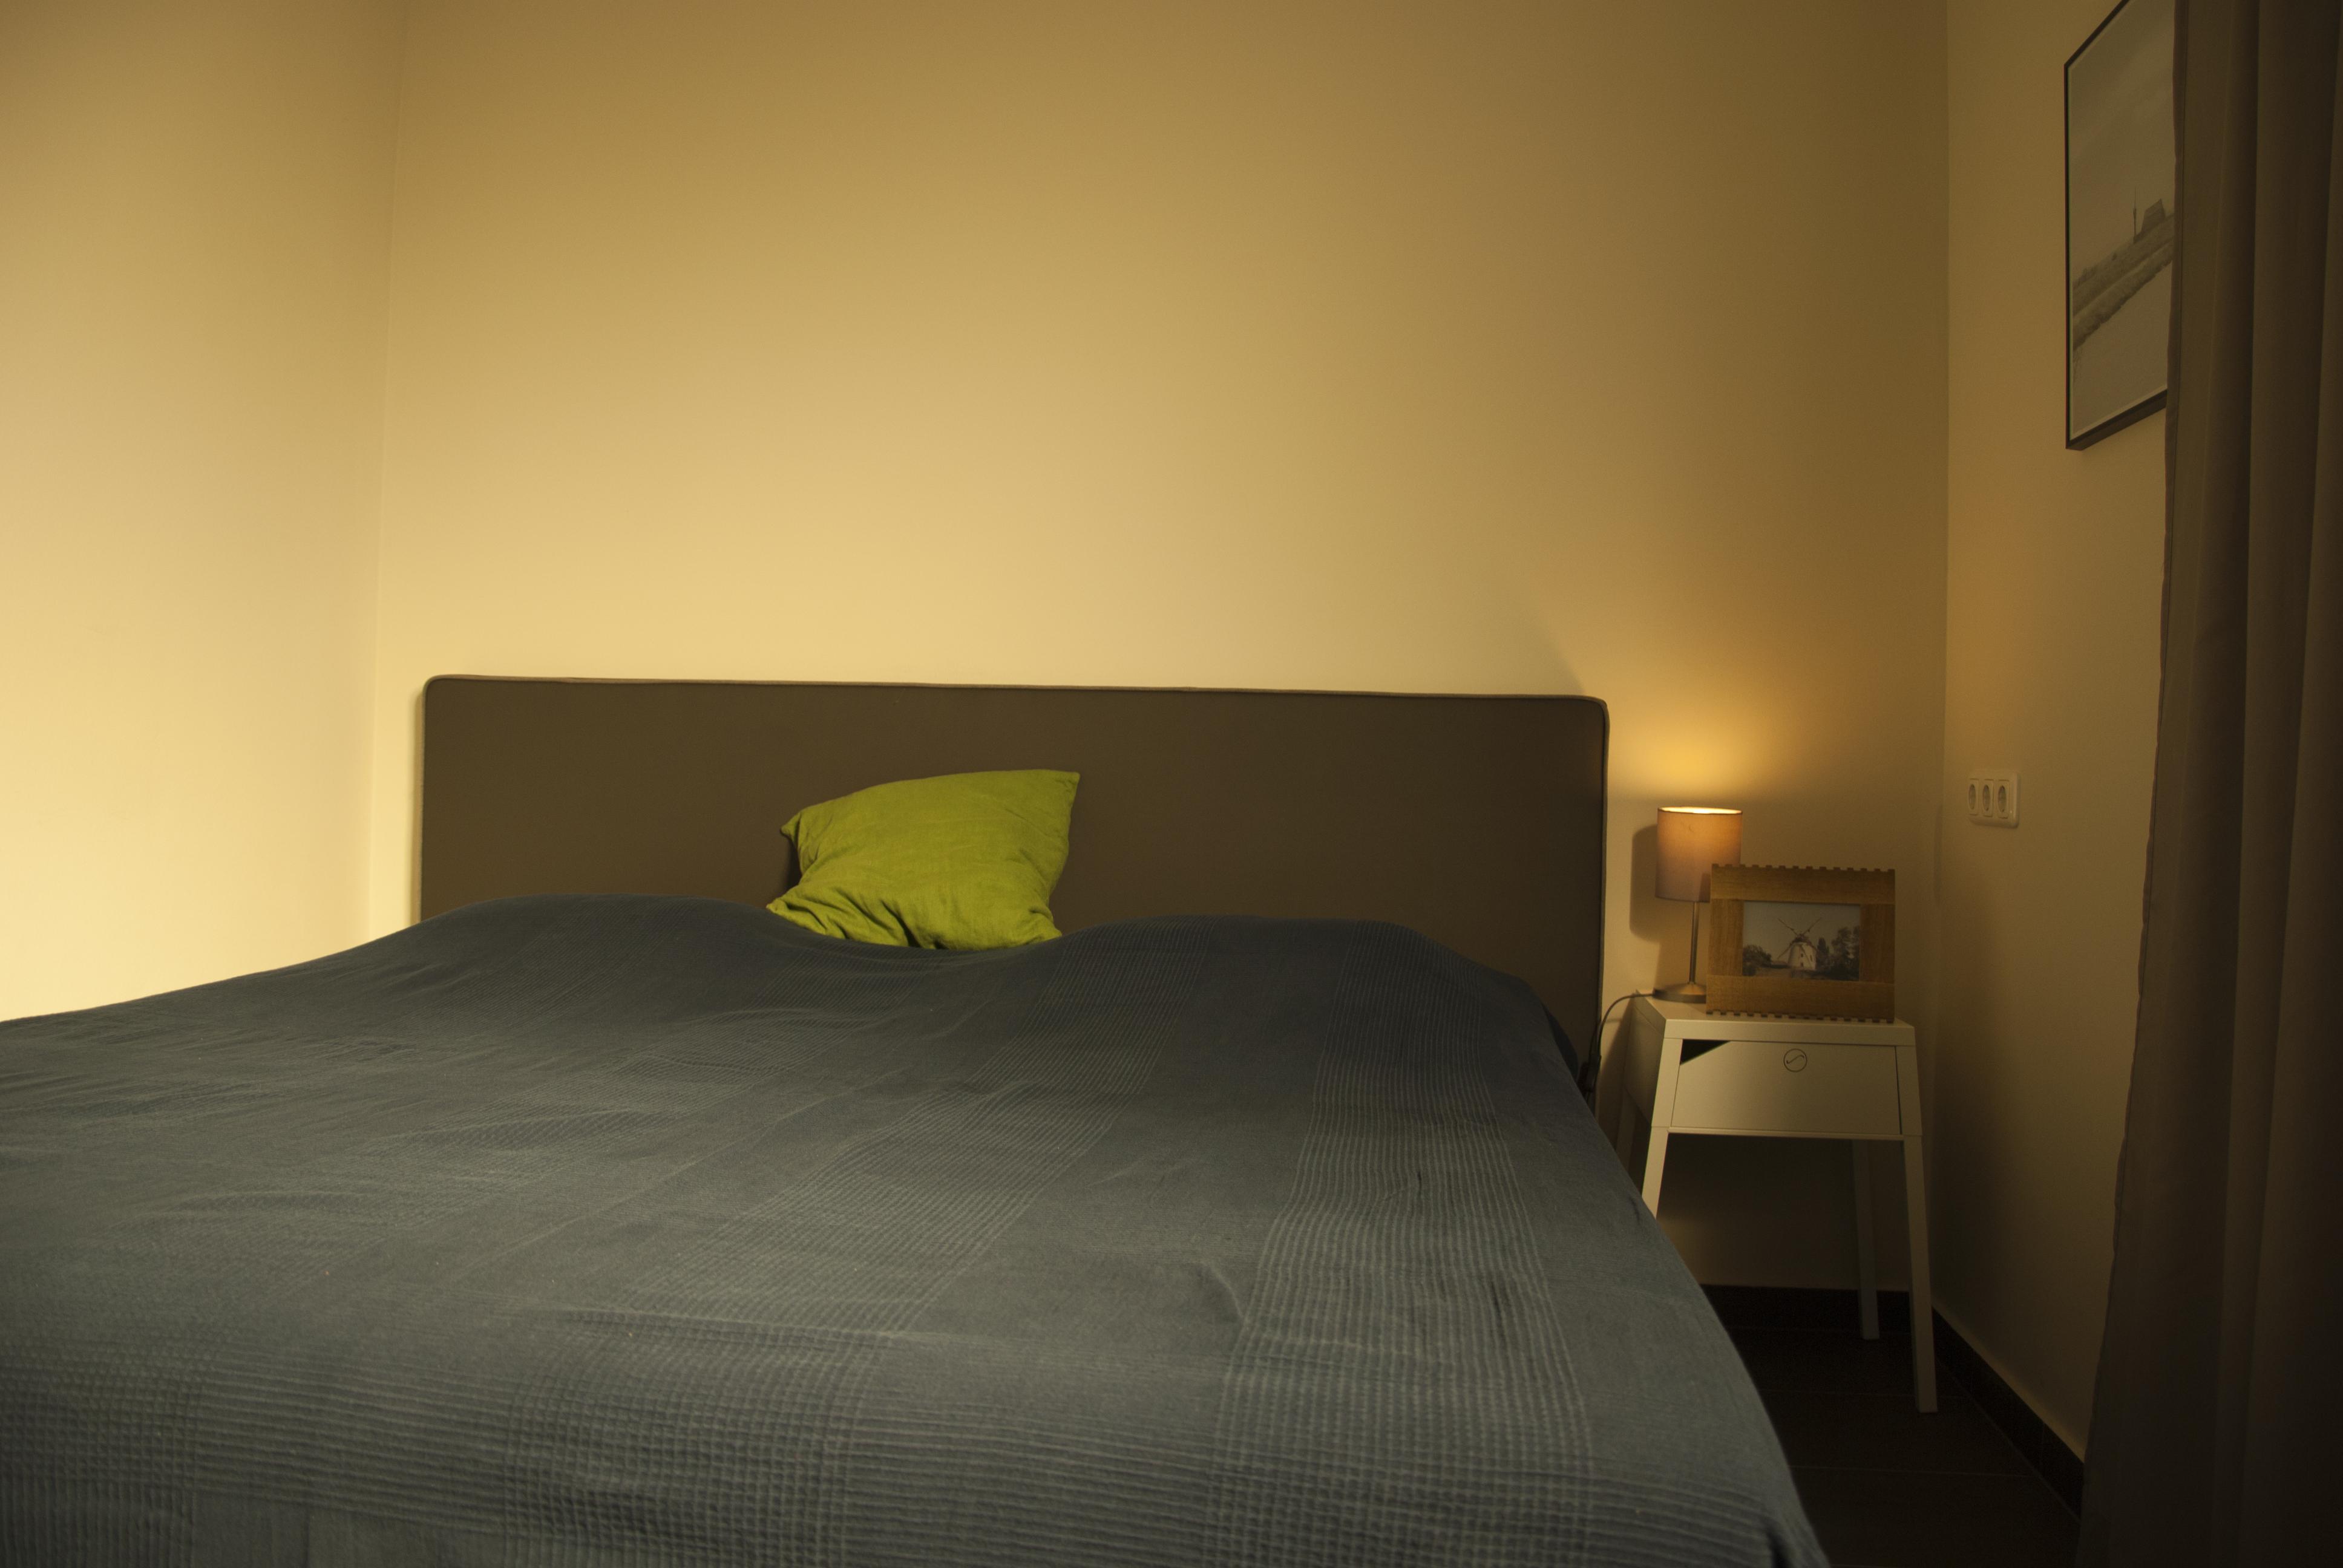 schlafzimmer oben DSC_3362